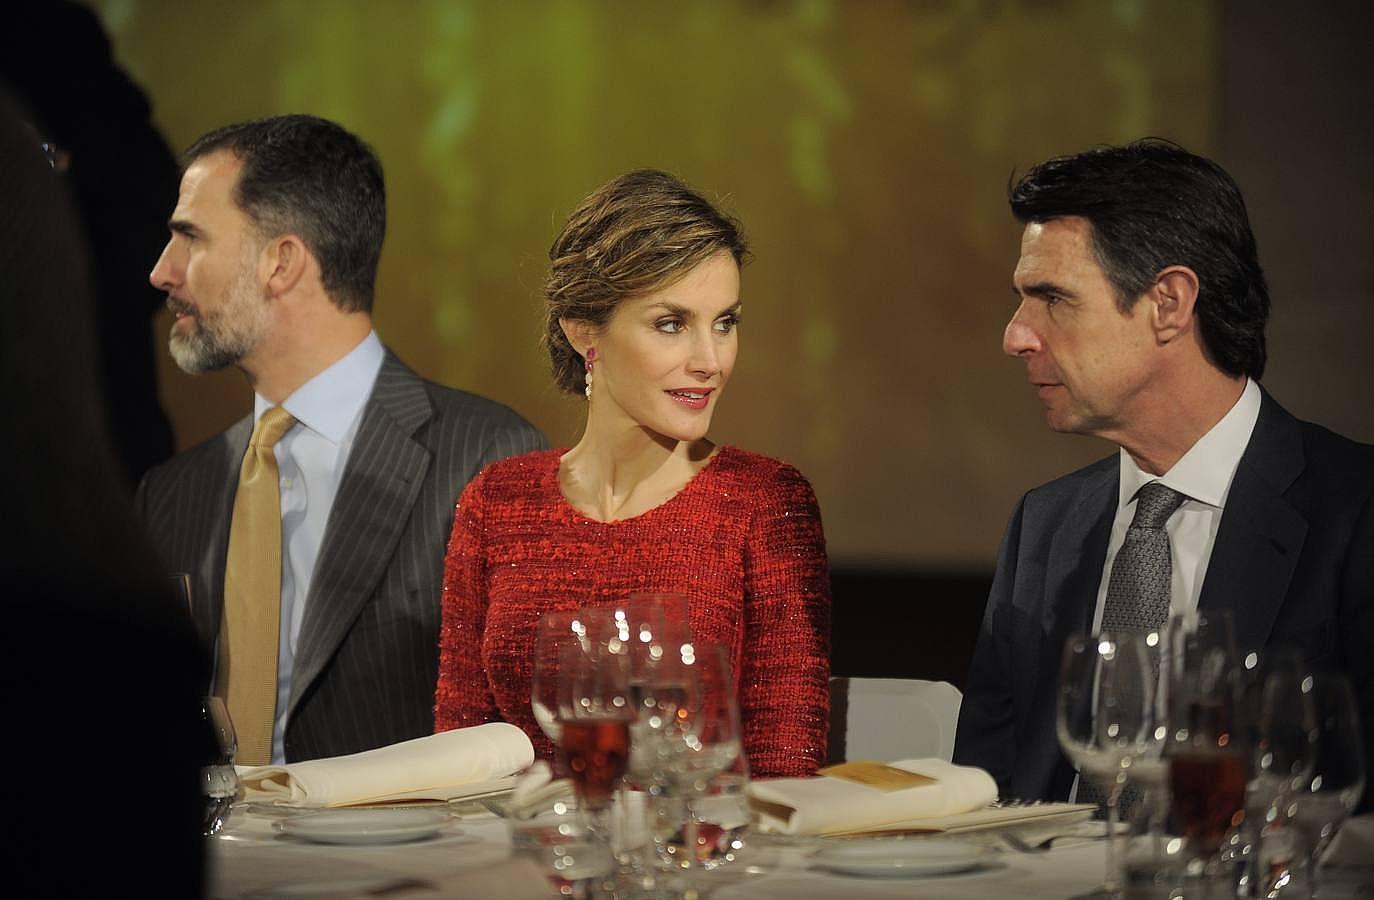 Con un vestido rojo durante el 100 aniversario de las cavas Freixenet